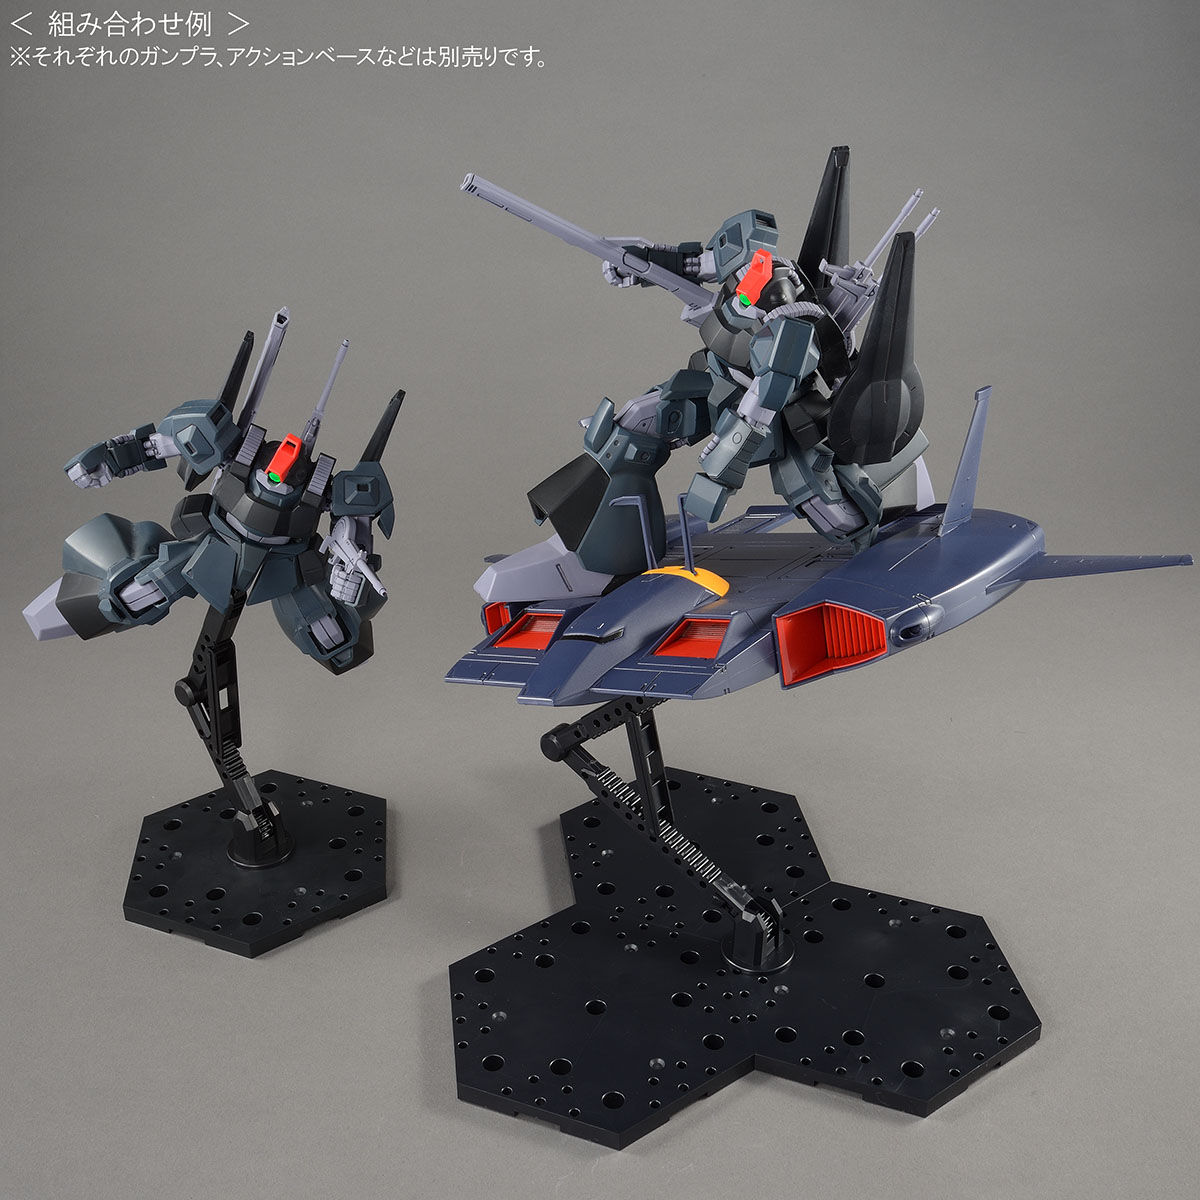 【限定販売】HG 1/144『リック・ディアス』機動戦士Zガンダム プラモデル-009